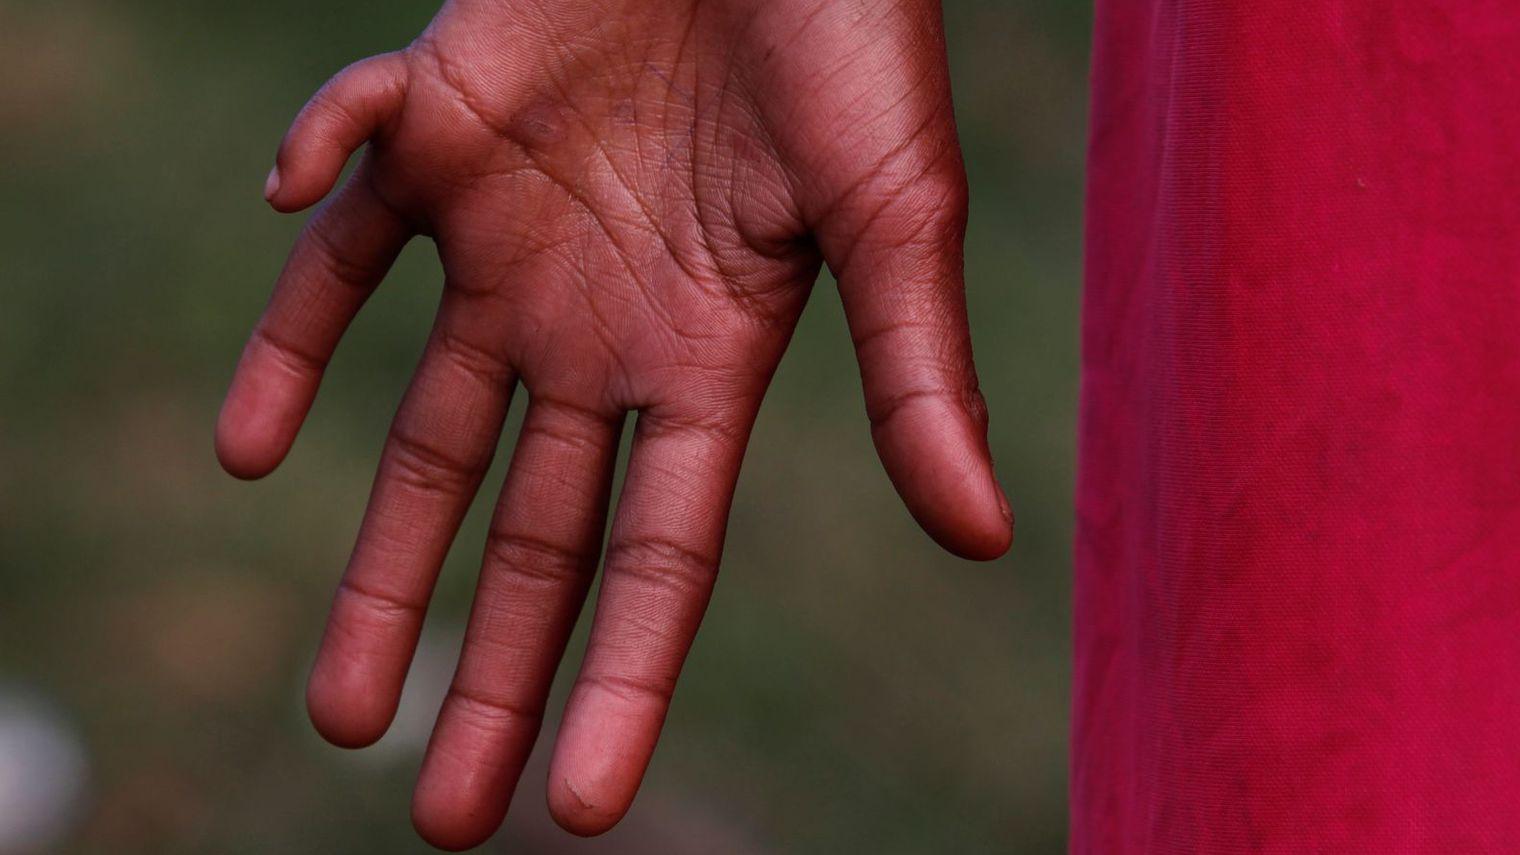 Malformaciones Congénitas: Polidactilia